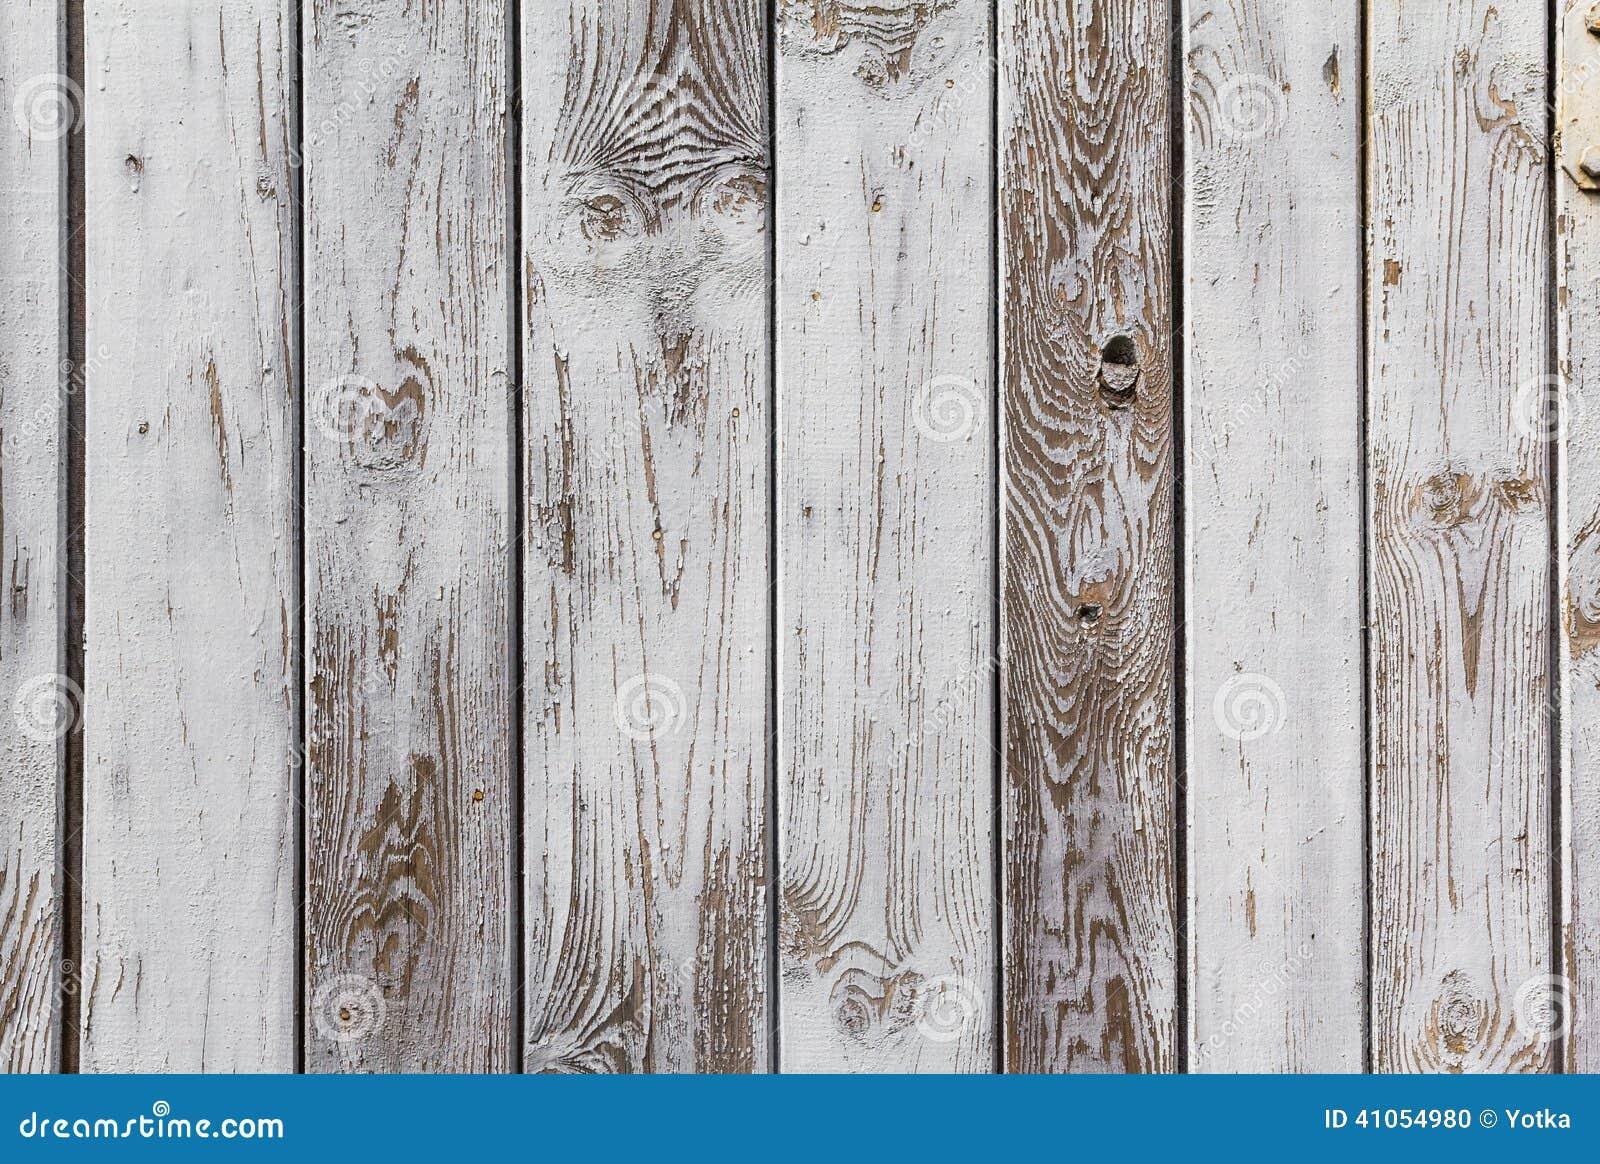 Schilderden De Muur Houten Planken Grijs Wit Stock Foto - Afbeelding ...